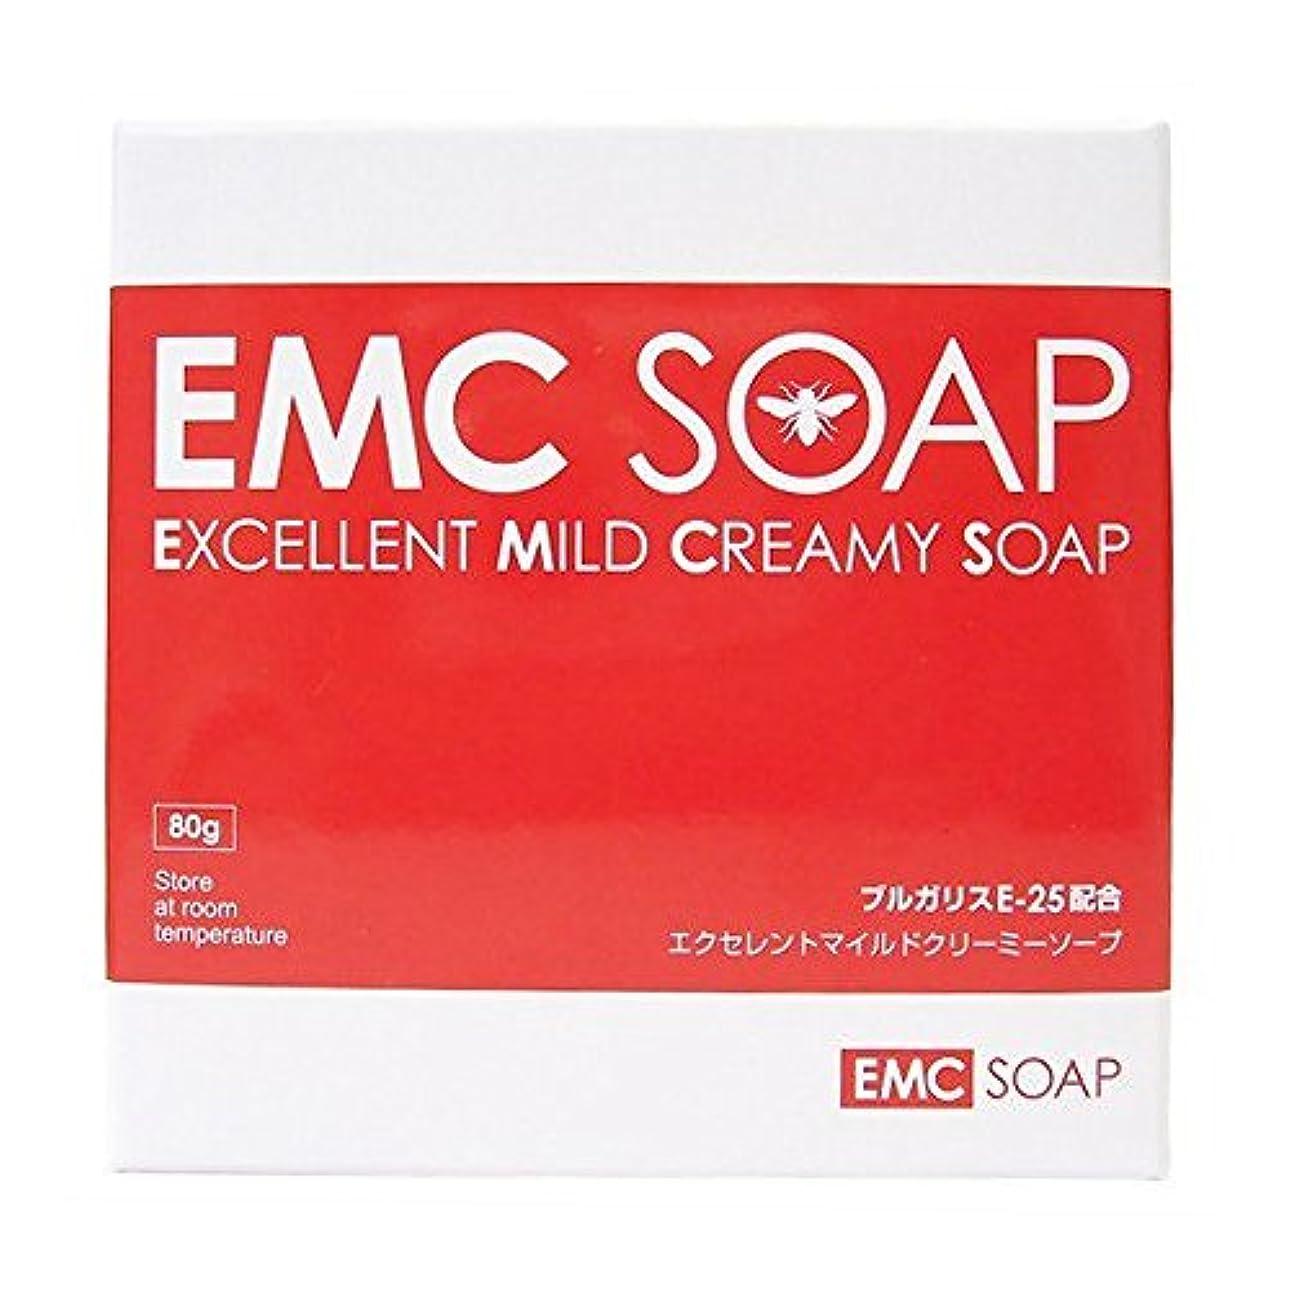 ブースト添加剤弁護蒼基 【エジプシャンマジッククリーム】EMCソープ NEWパッケージ 80g